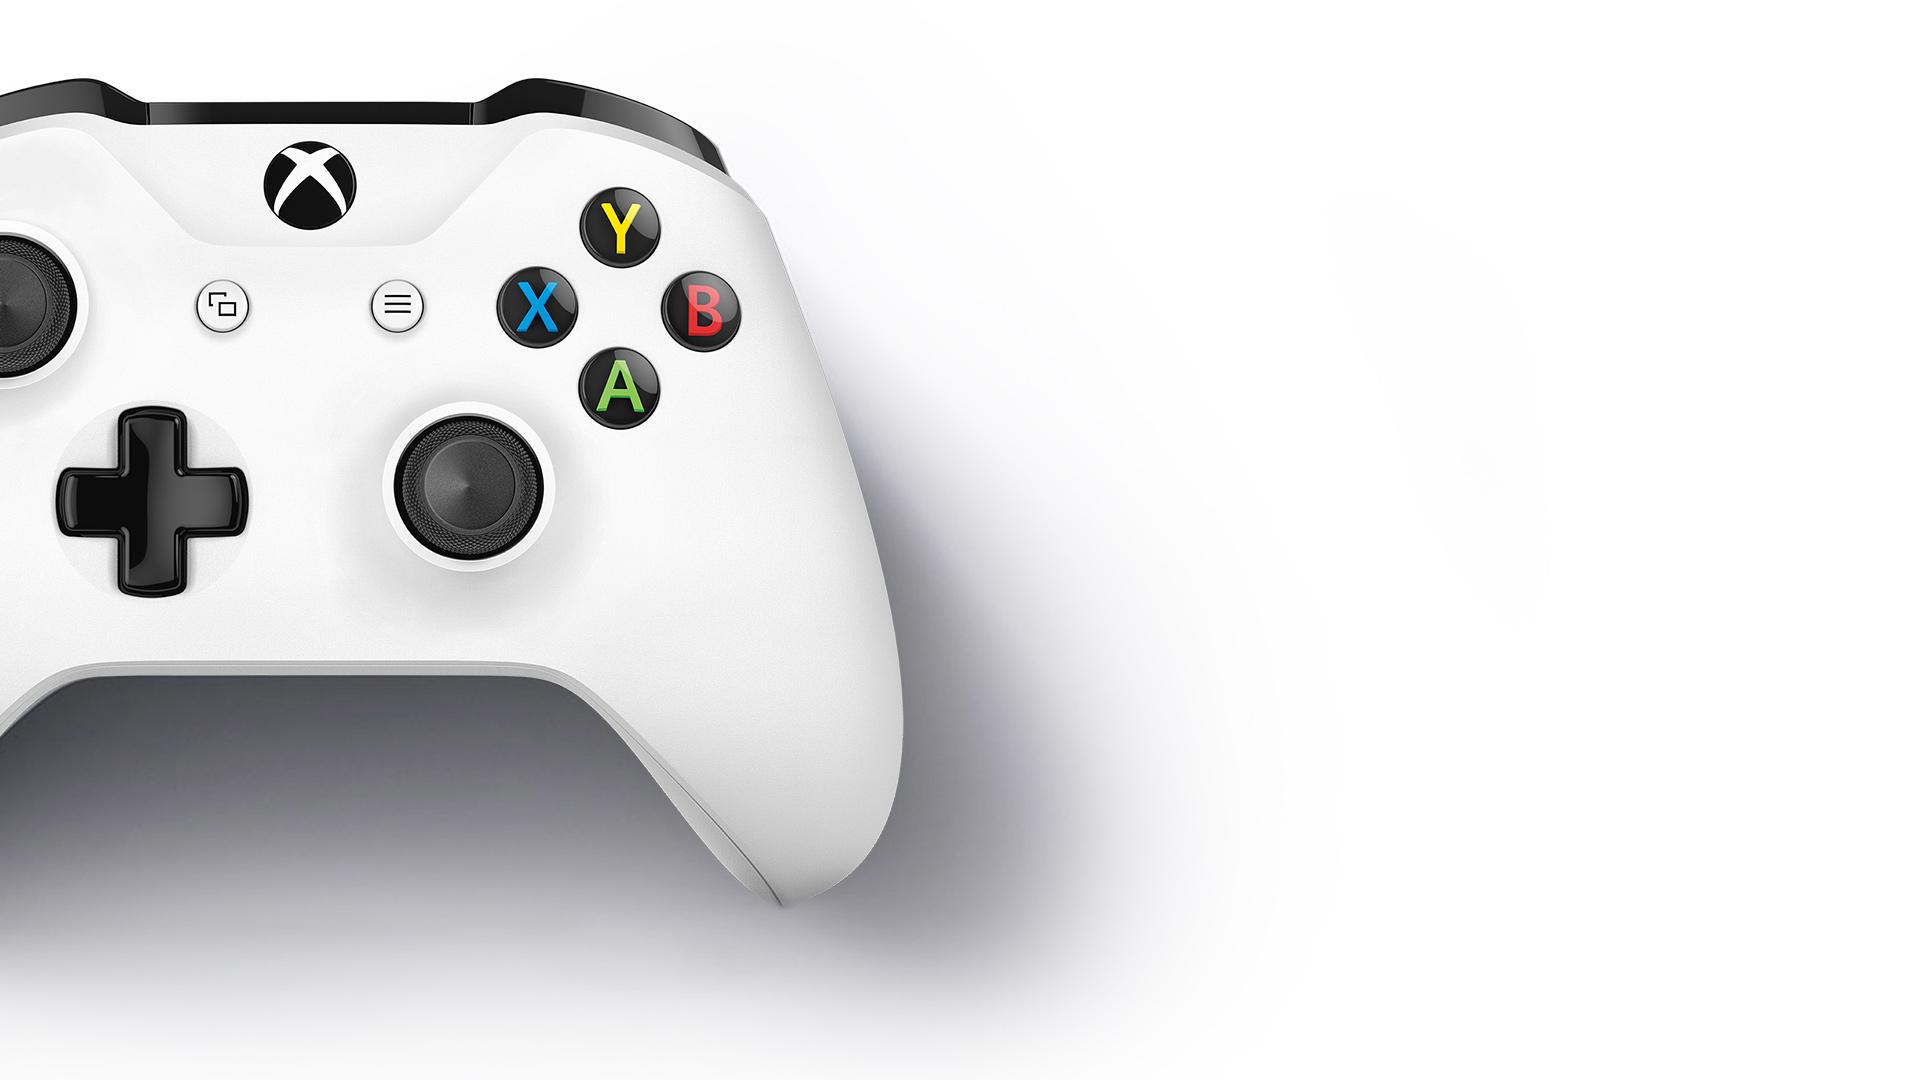 Названа цена игровой приставки Xbox One S All Digital